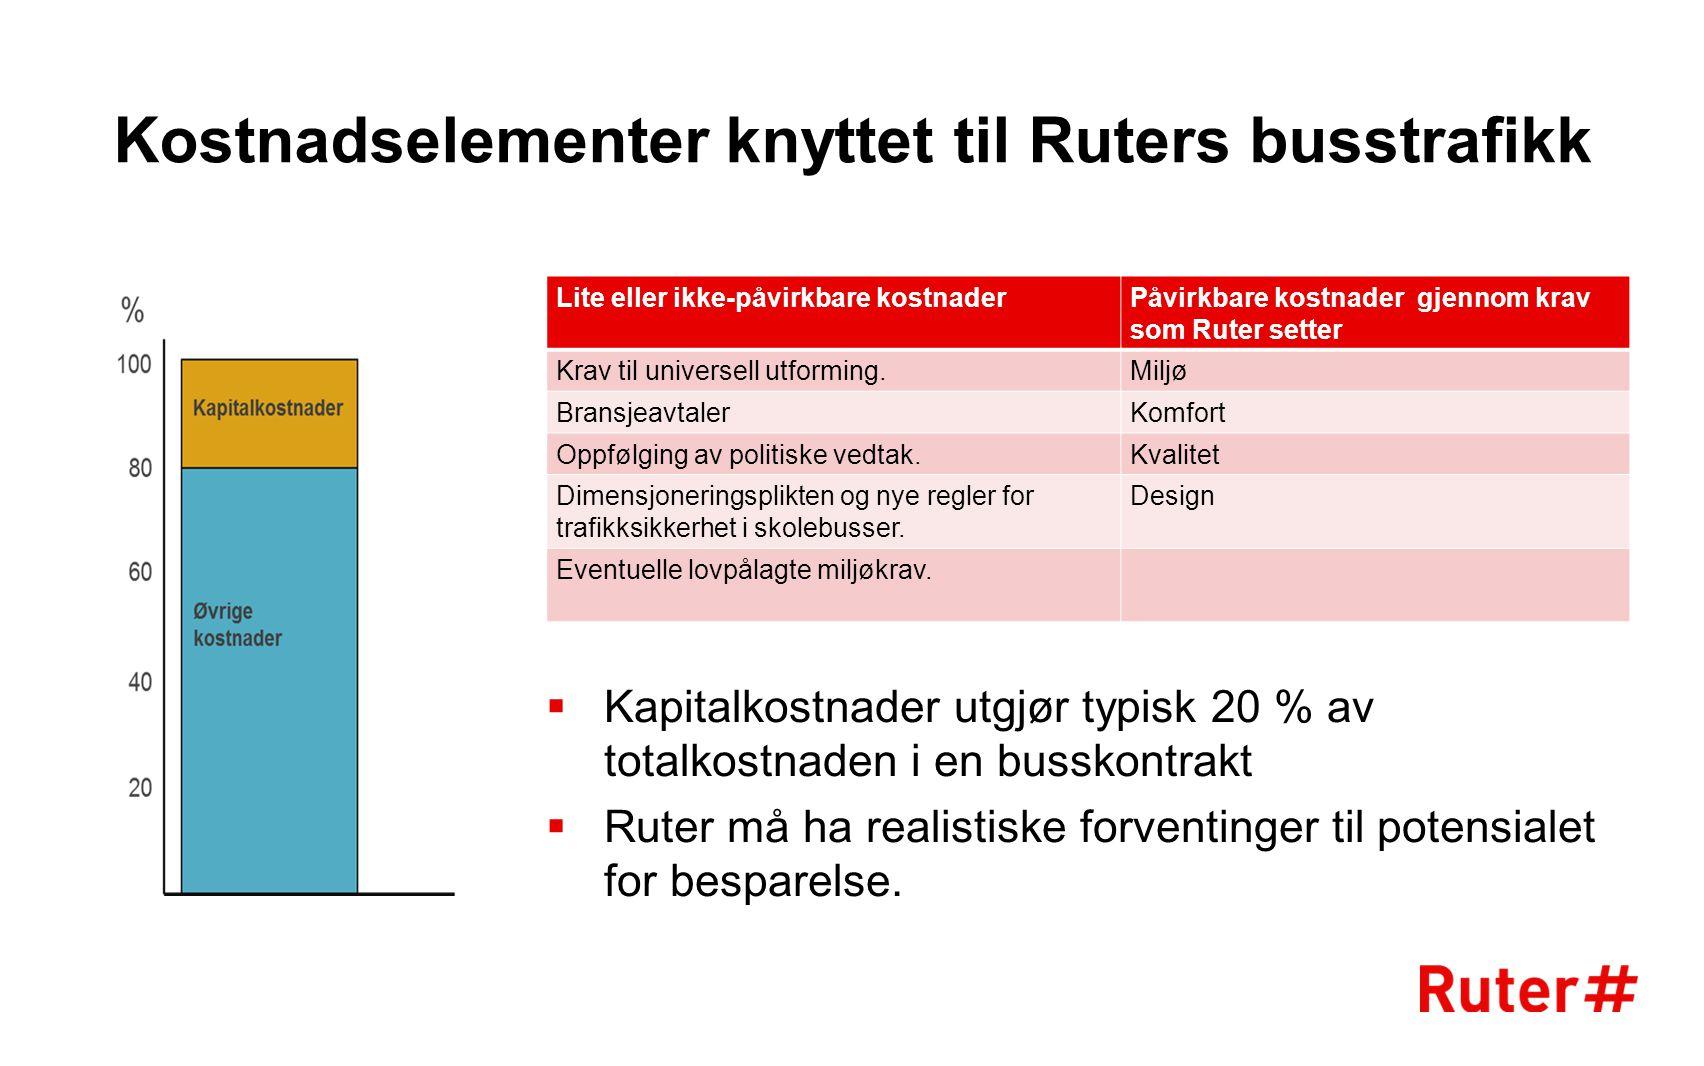 Ruter vil ta kundene med på råd og kommunisere kundebehov til næringen  Utenfra og inn-perspektiv  Triangulering – kunder, eksperter og beste praksis 4.